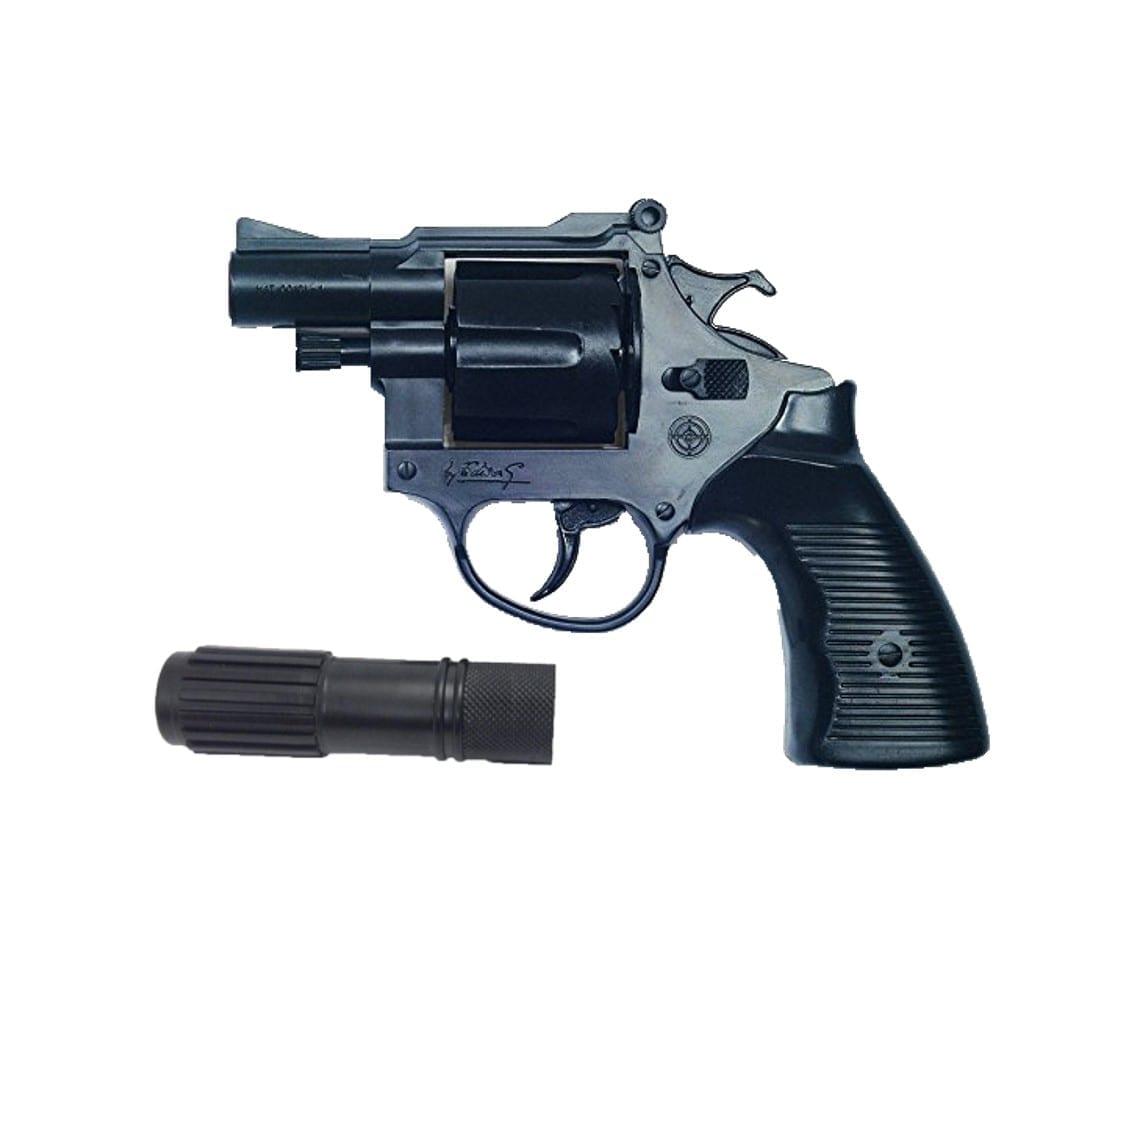 אקדח פיקות אמריקנה לפורים